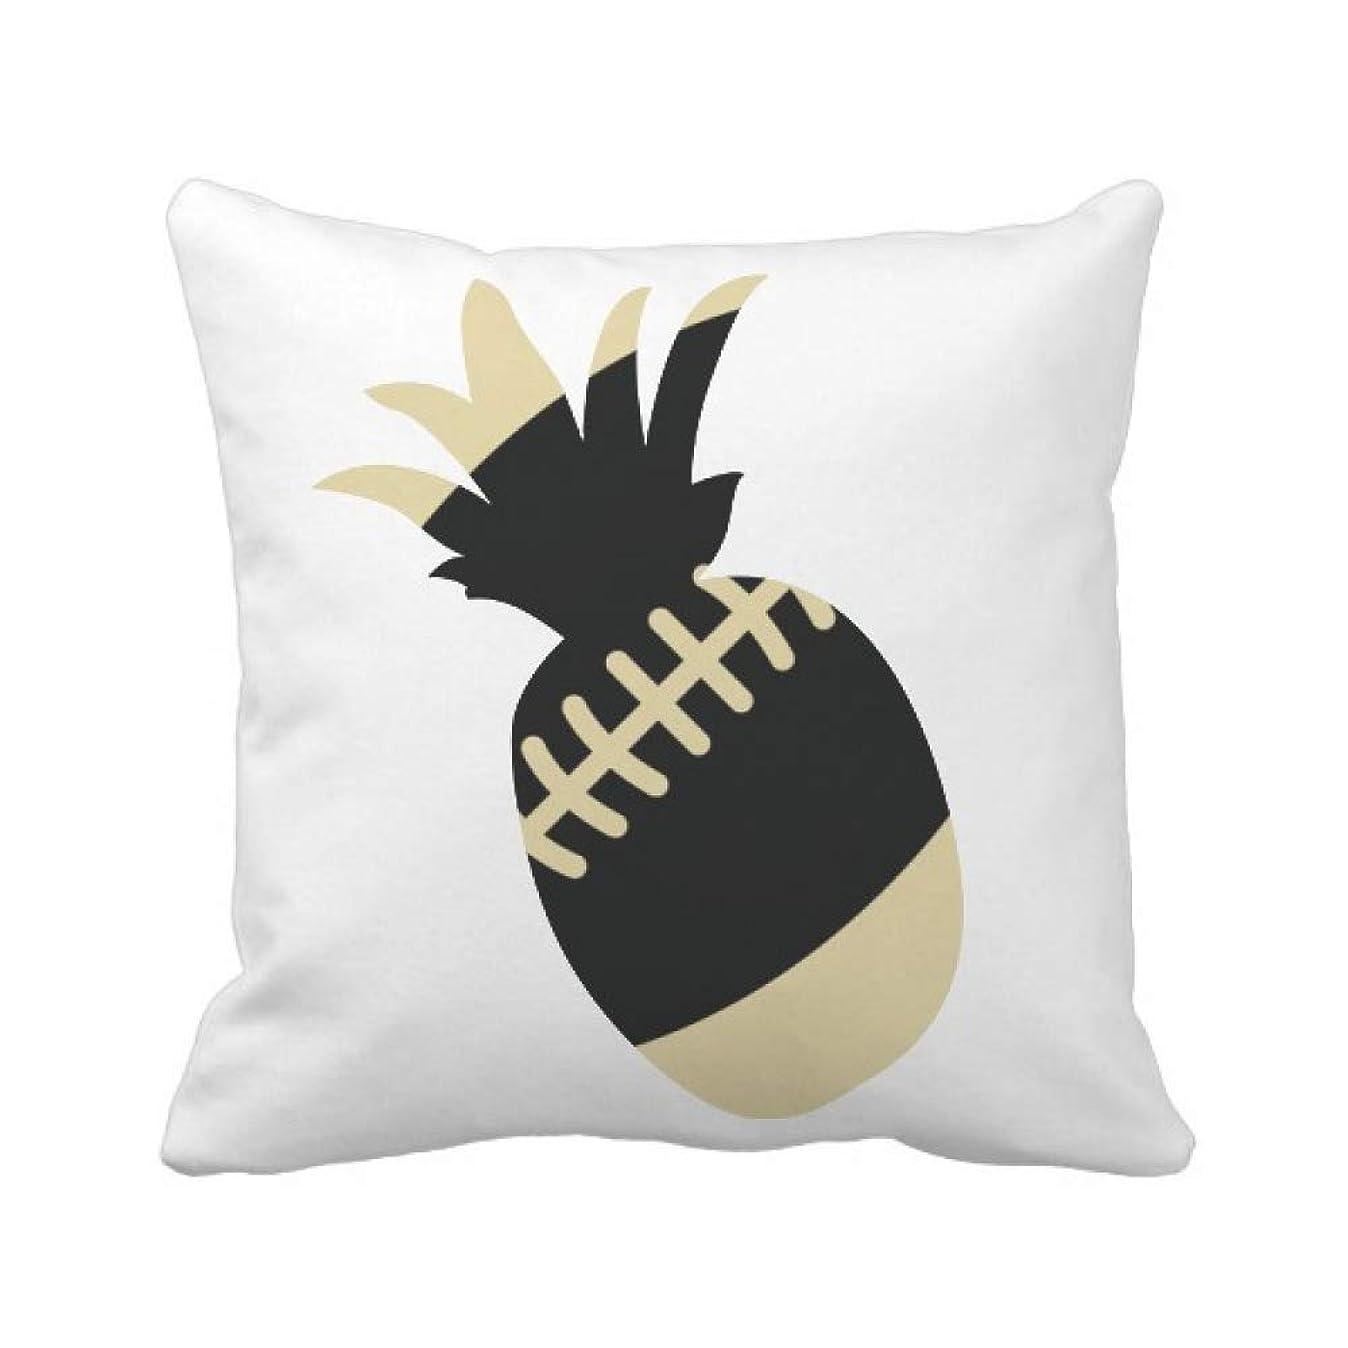 悲惨な分類うぬぼれたフットボールのスポーツは、単純な幾何学のパターン パイナップル枕カバー正方形を投げる 50cm x 50cm